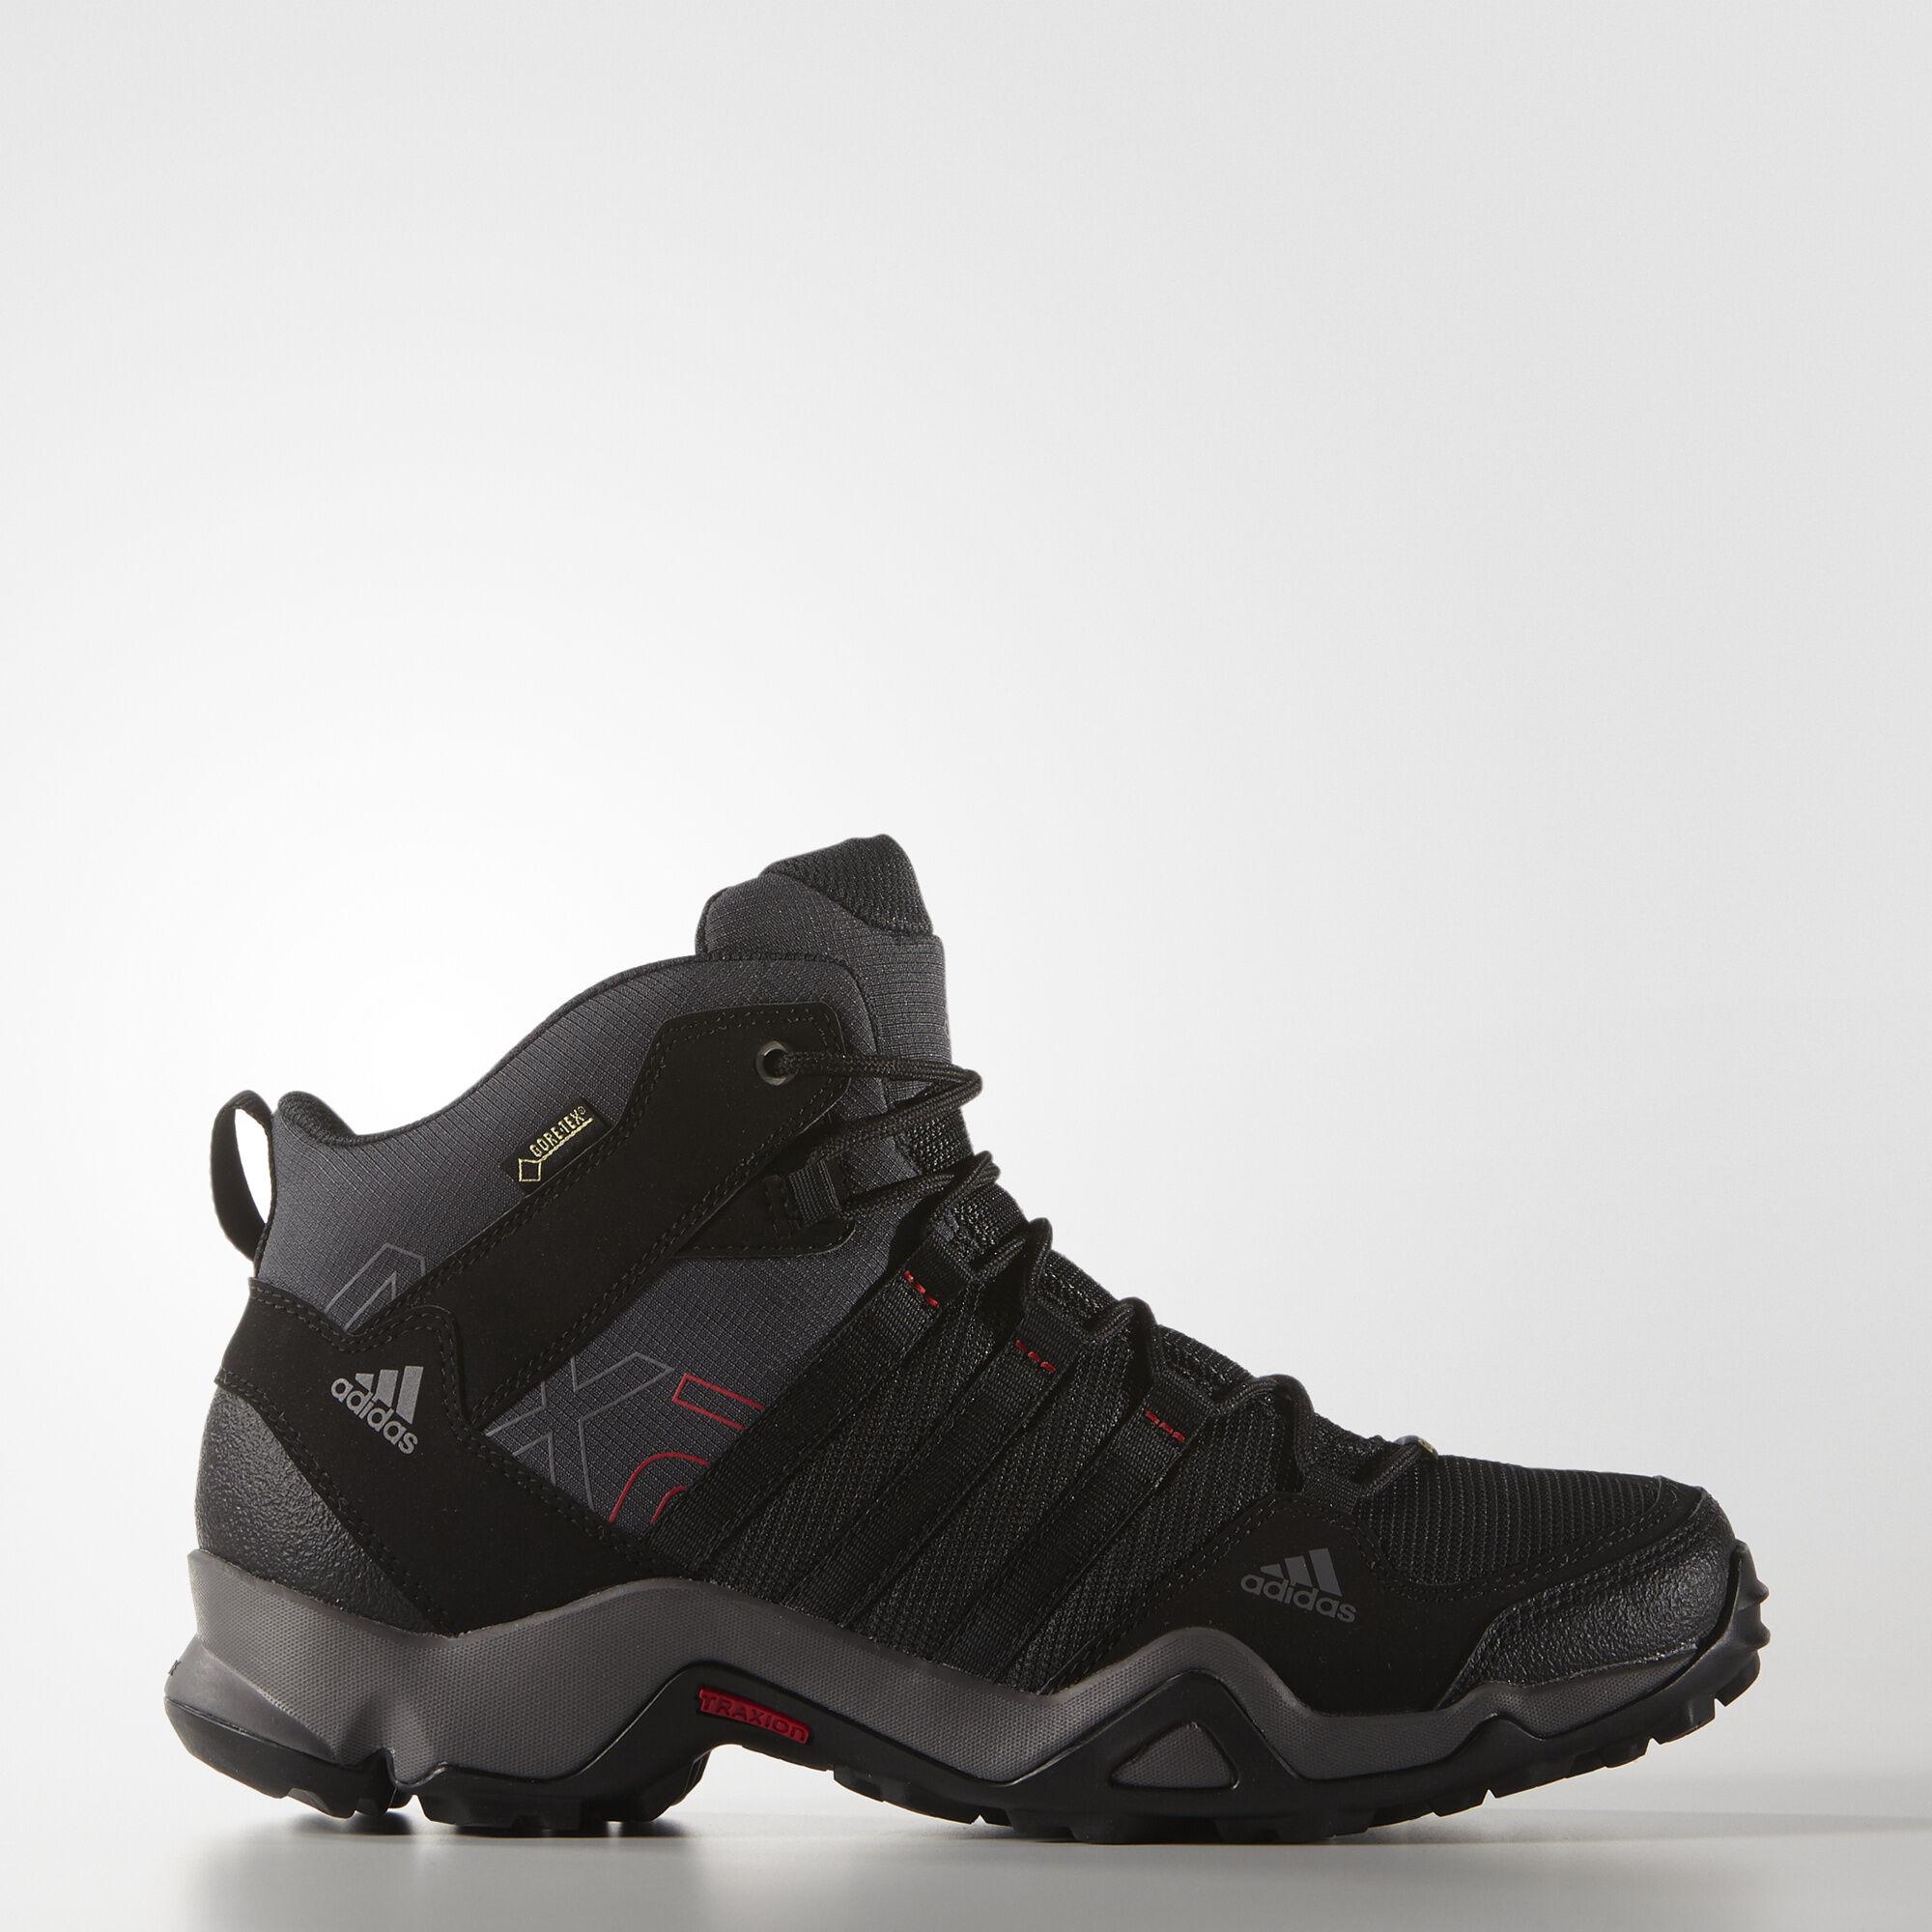 zapatillas adidas outdoor ax2